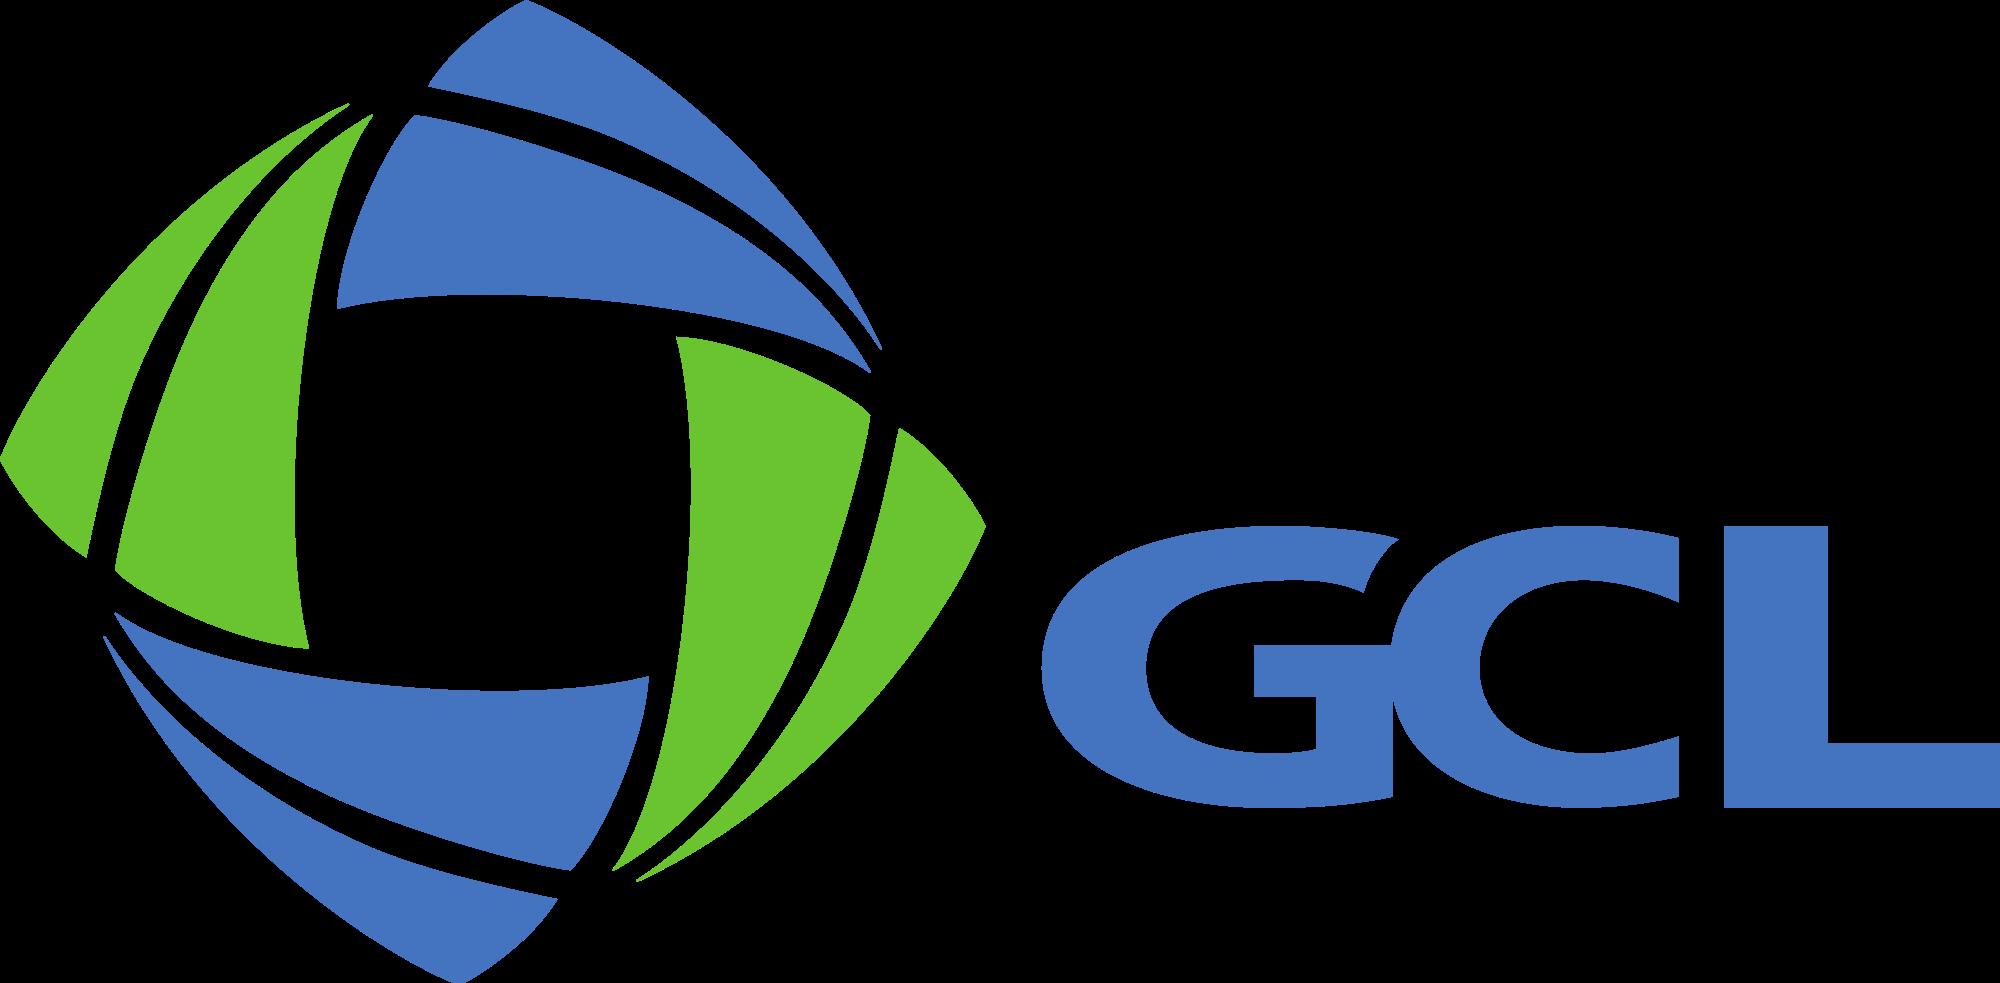 GCL-Poly.svg